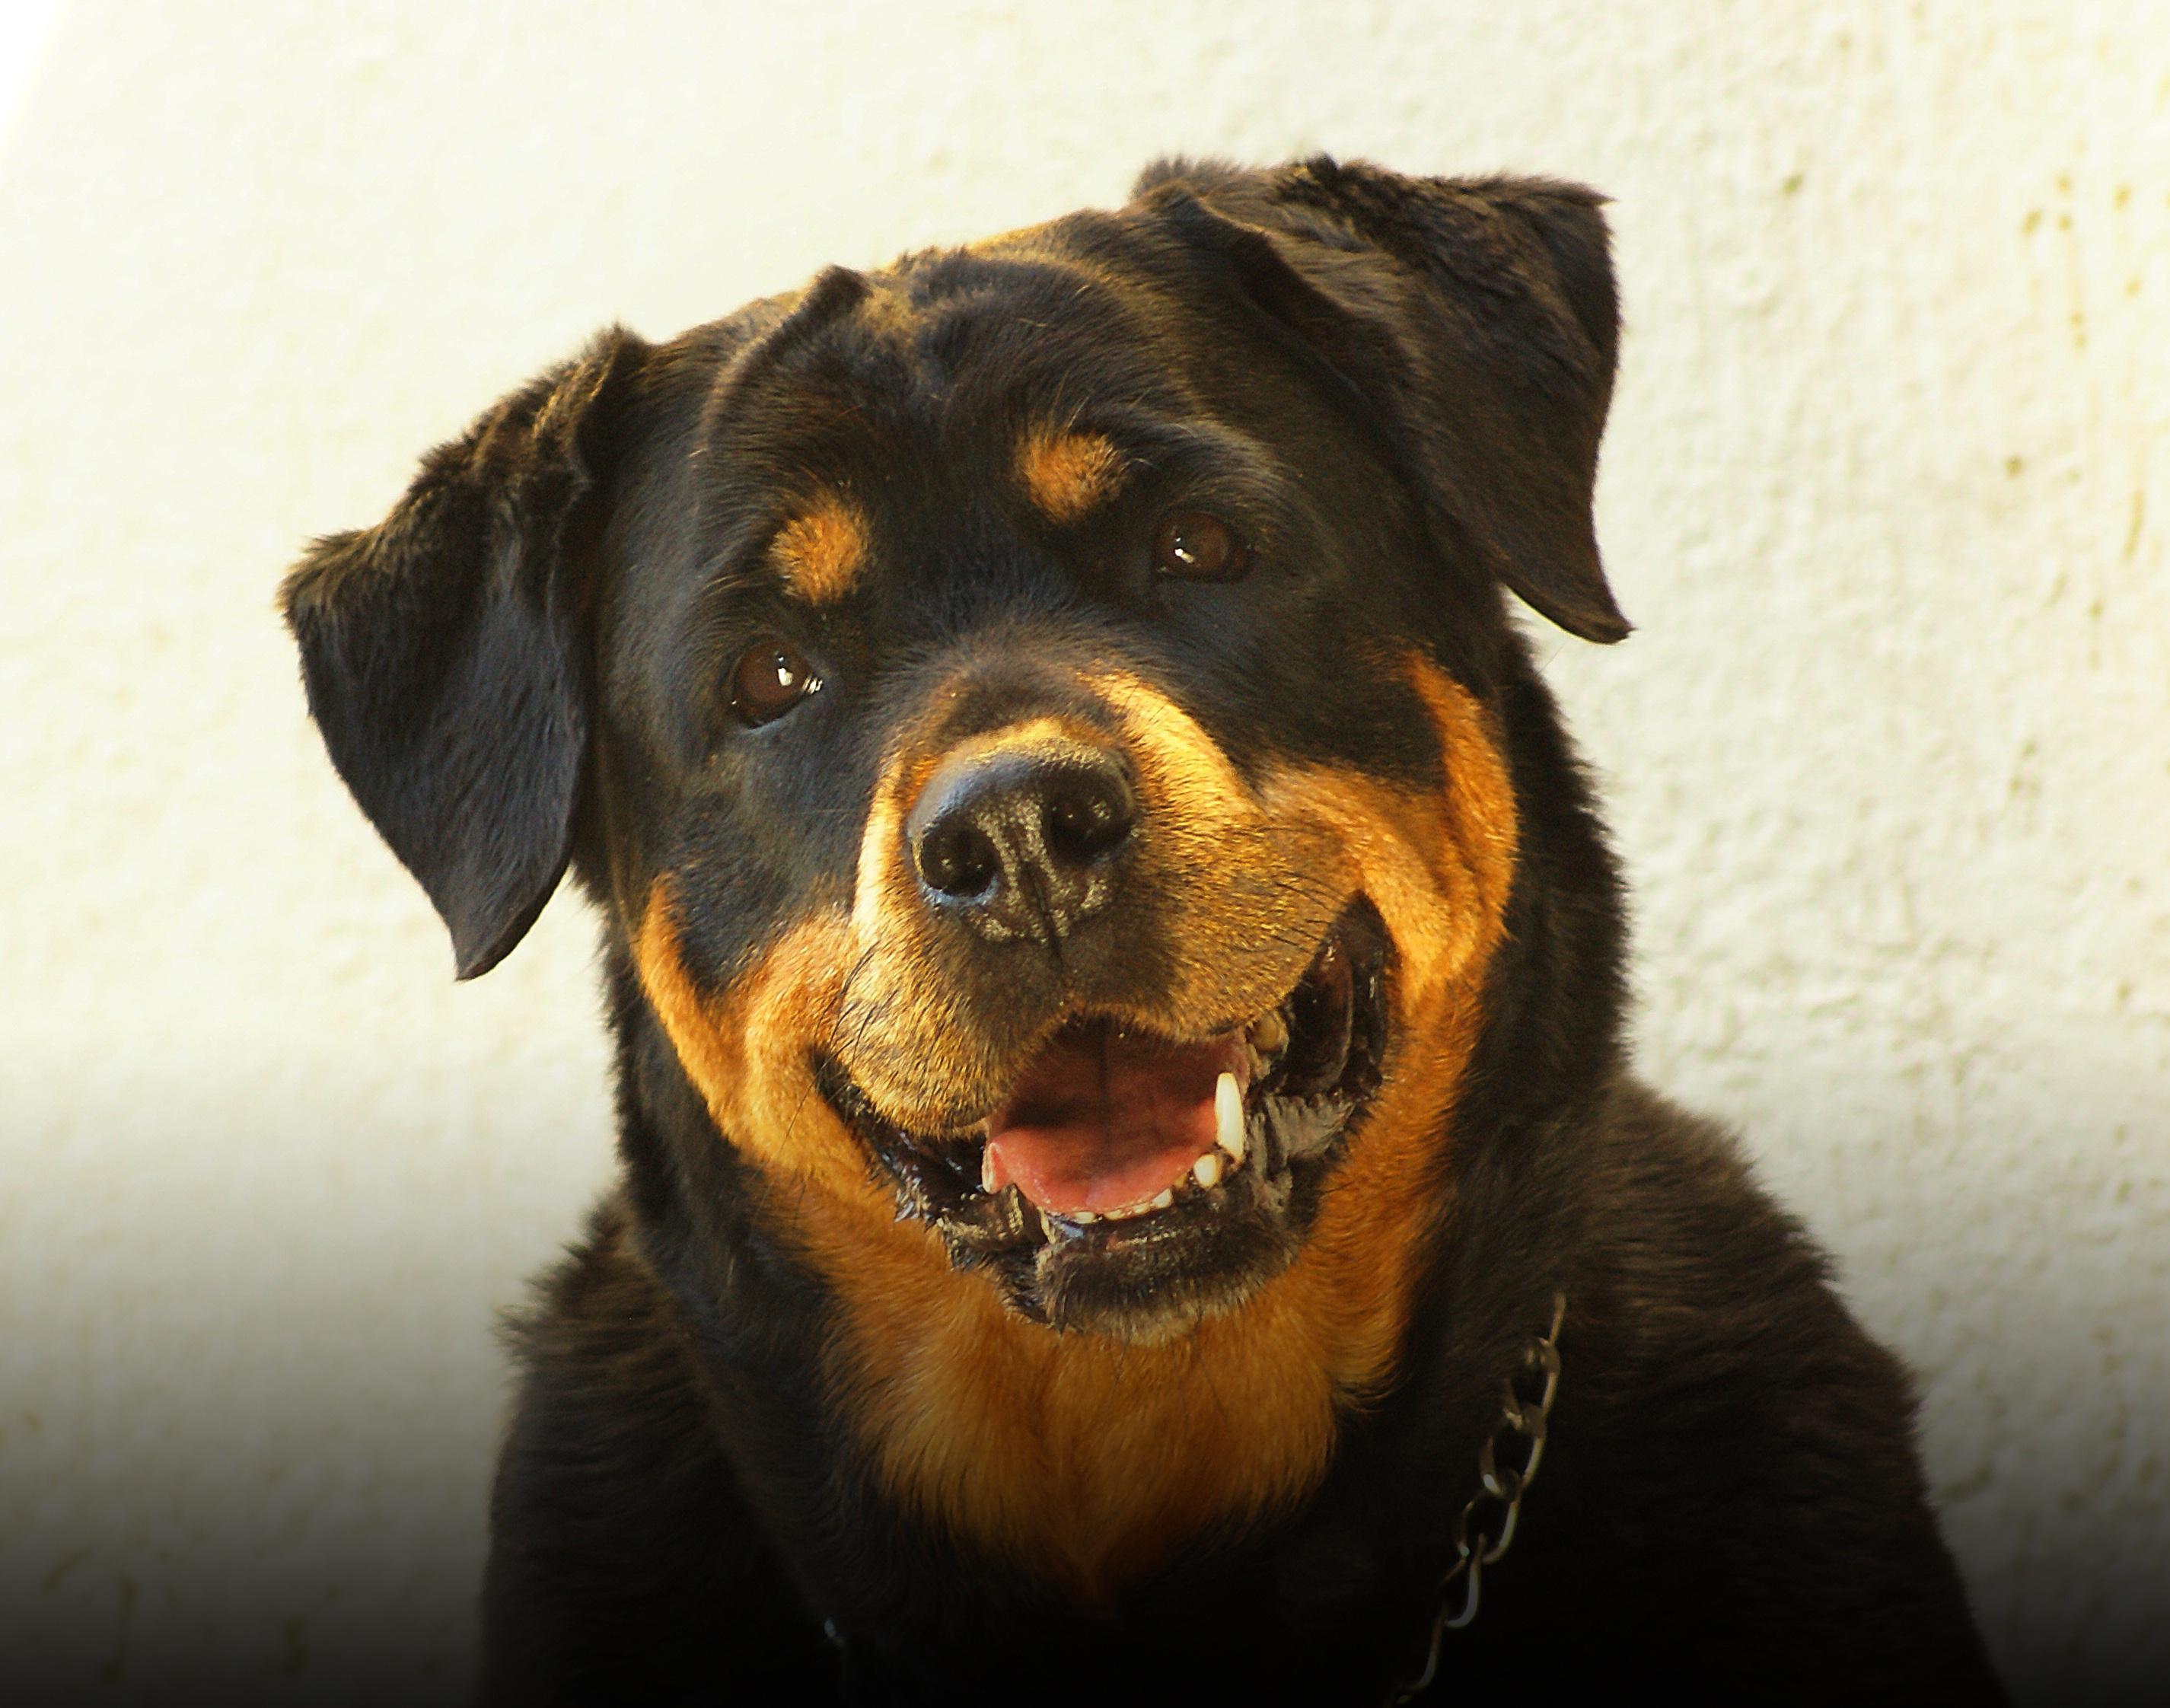 rottweiler dog images - HD2851×2244